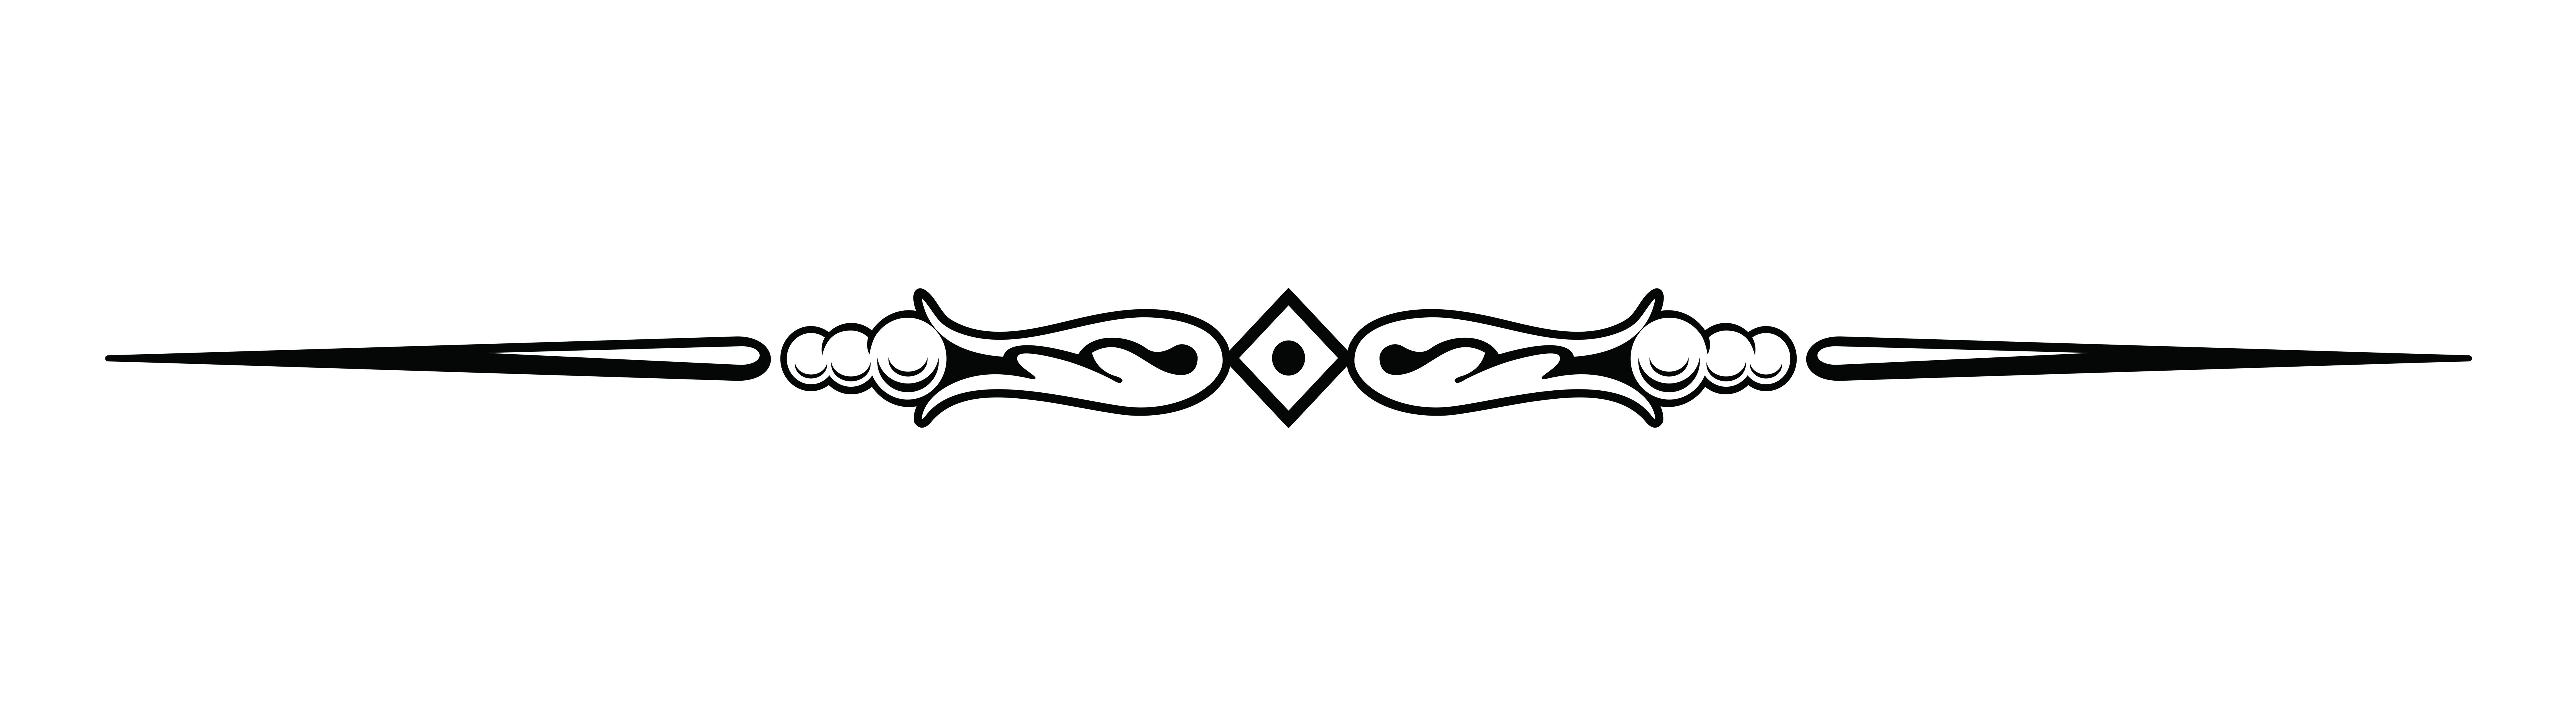 Black Line Divider Clipart-Black Line Divider Clipart-15